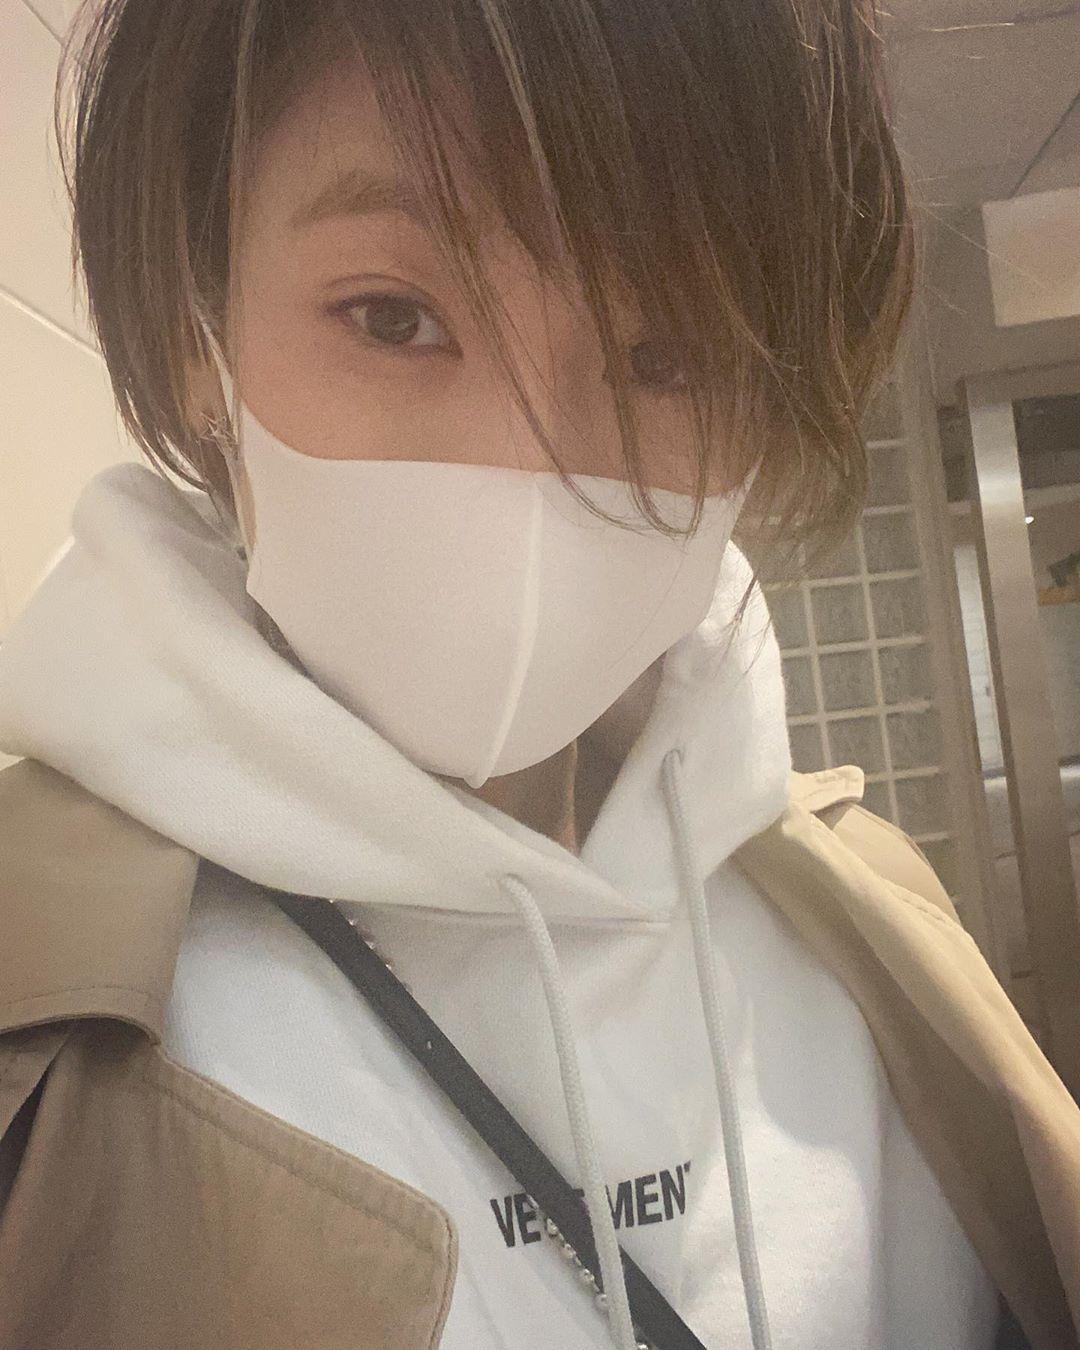 西山茉希 今年の目標は マスクをなるべく顎でしないこと そして